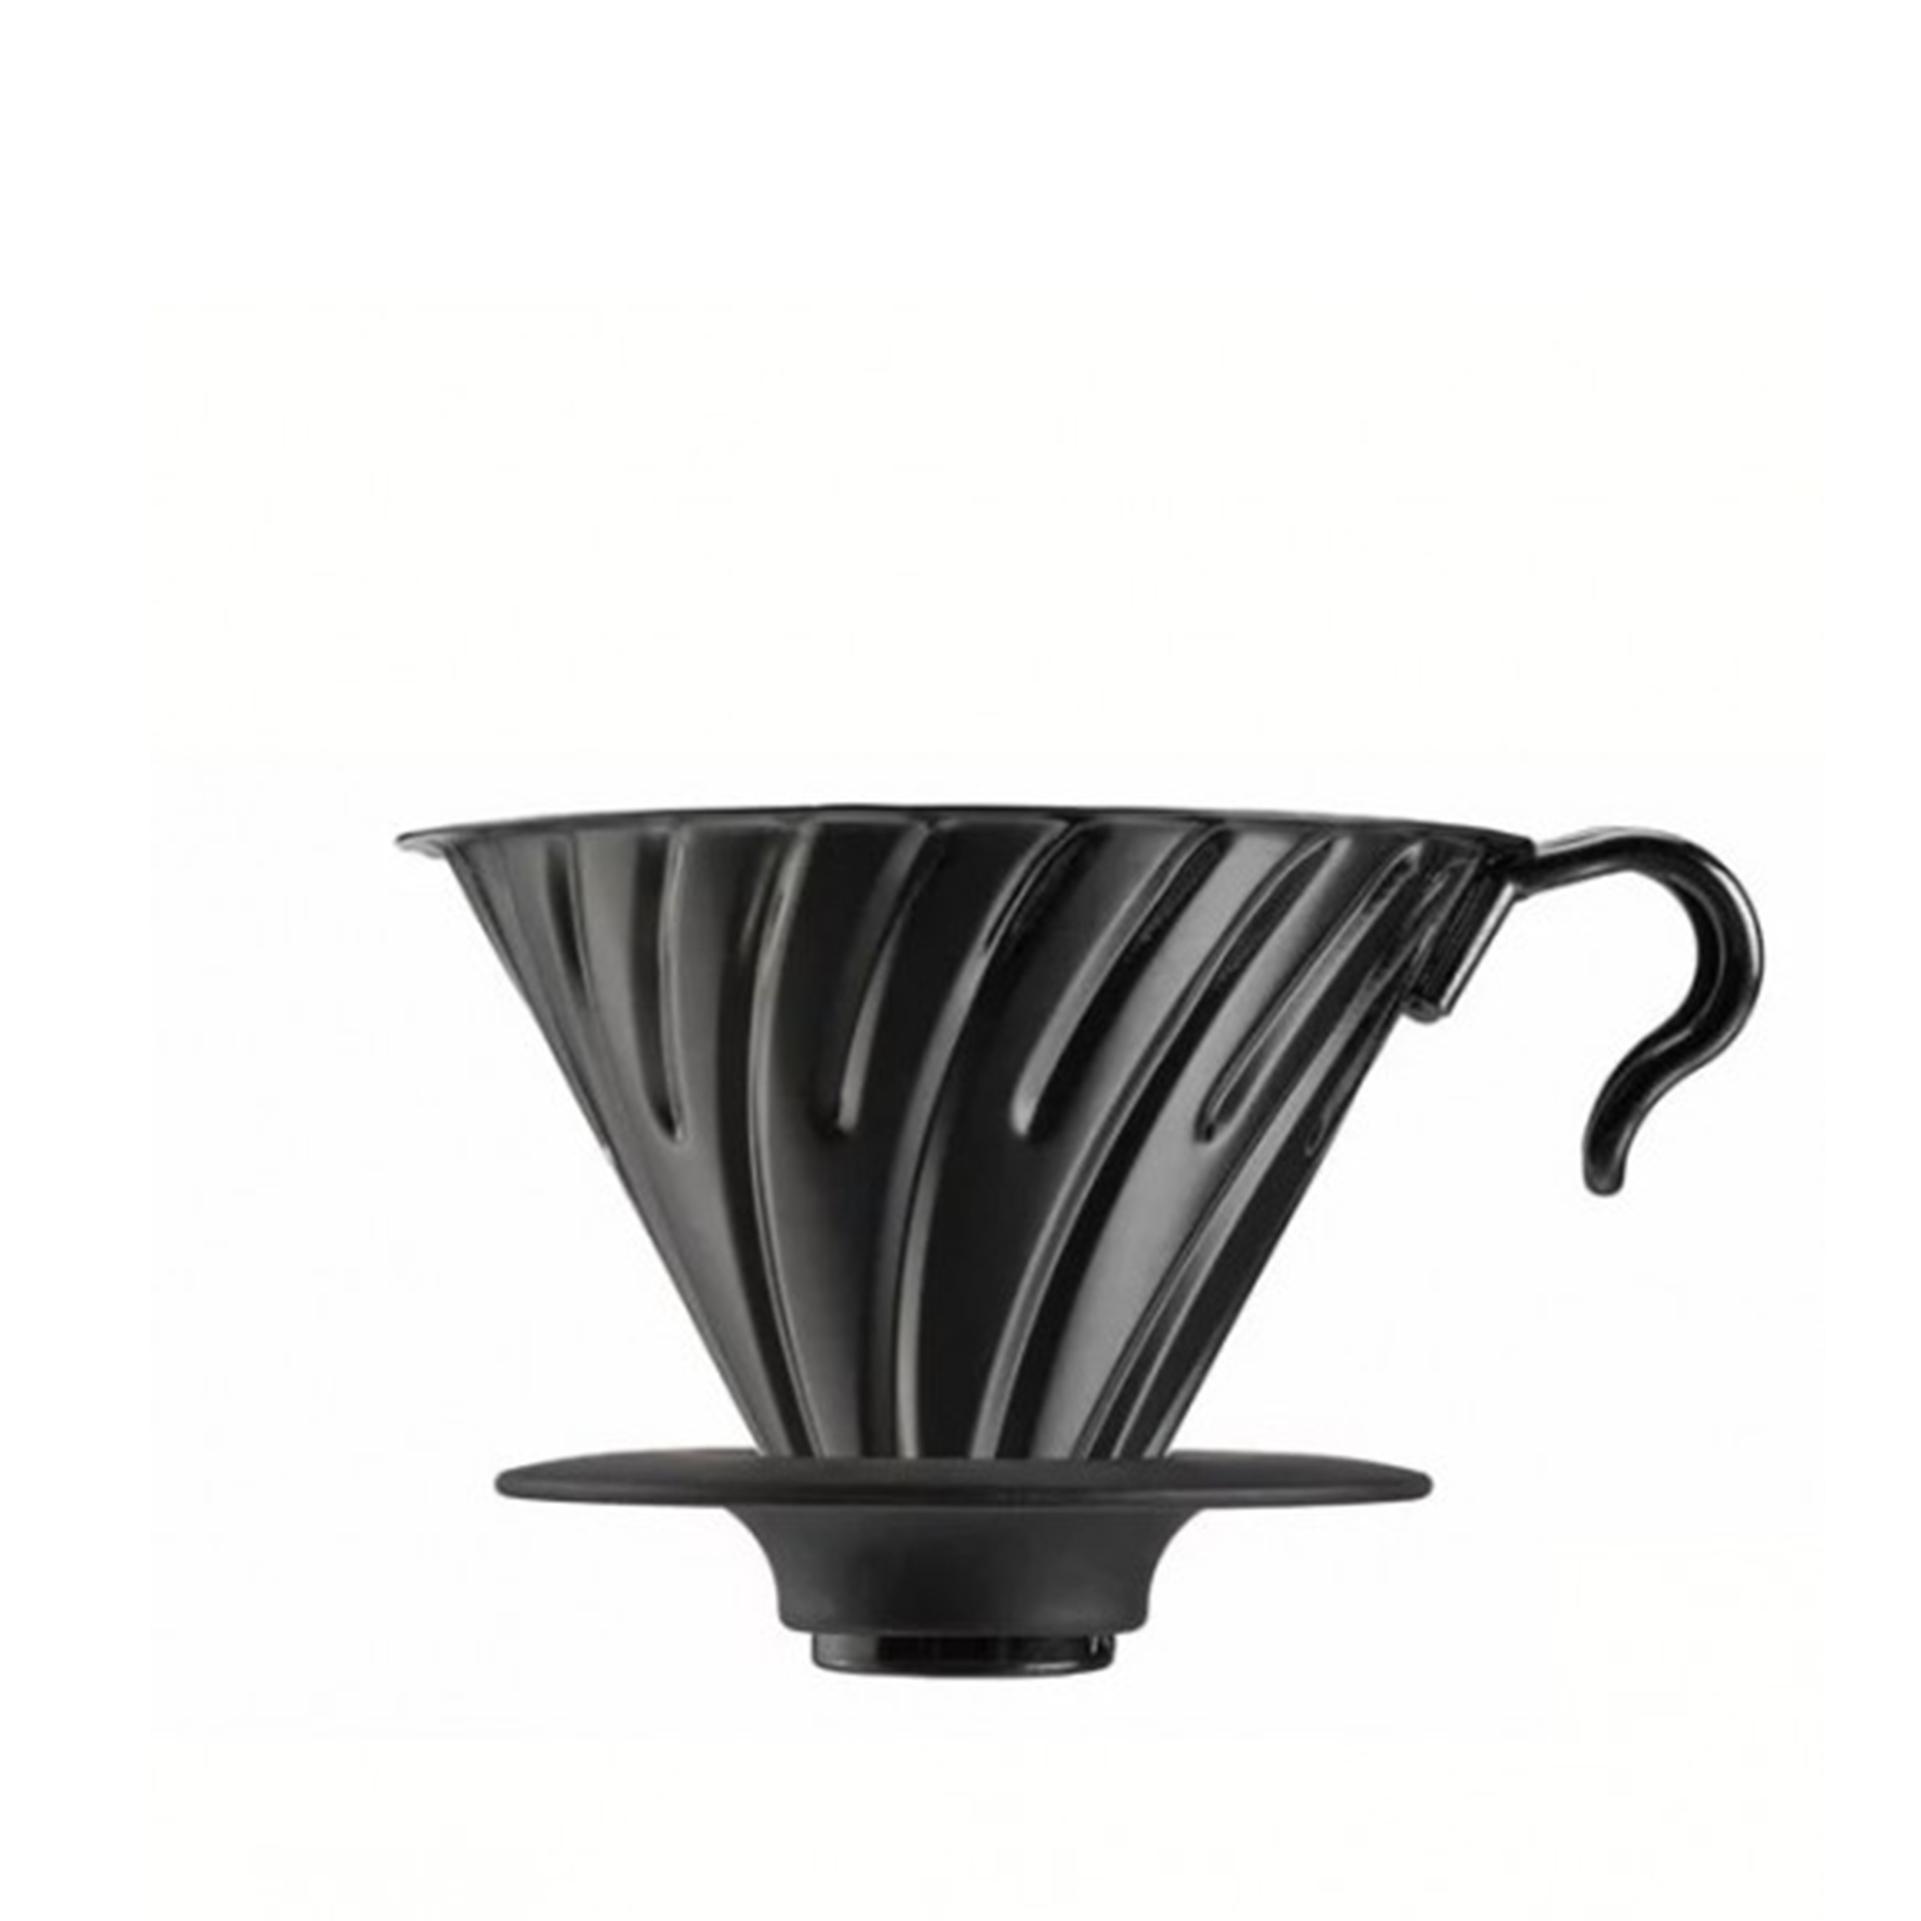 Hario Handfilter für Filterkaffee